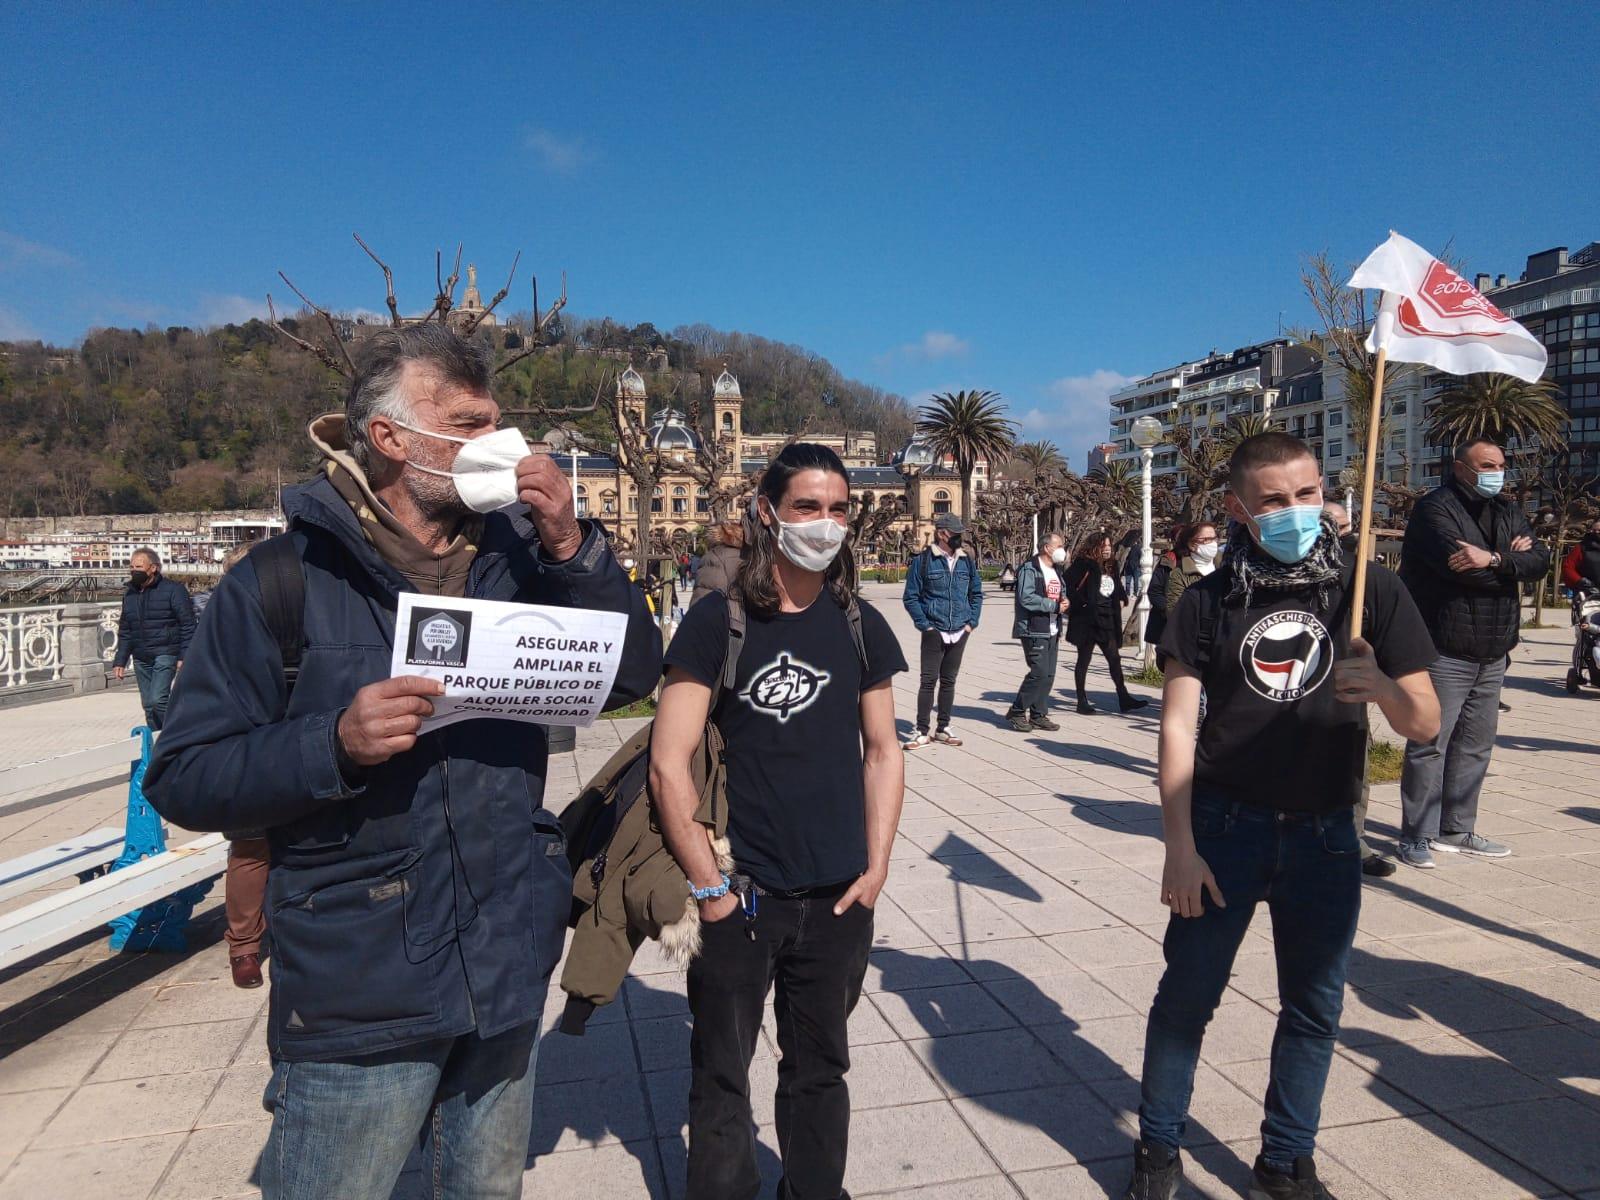 IMG 20210320 WA0009 - Donostia también se manifiesta por el derecho a la vivienda